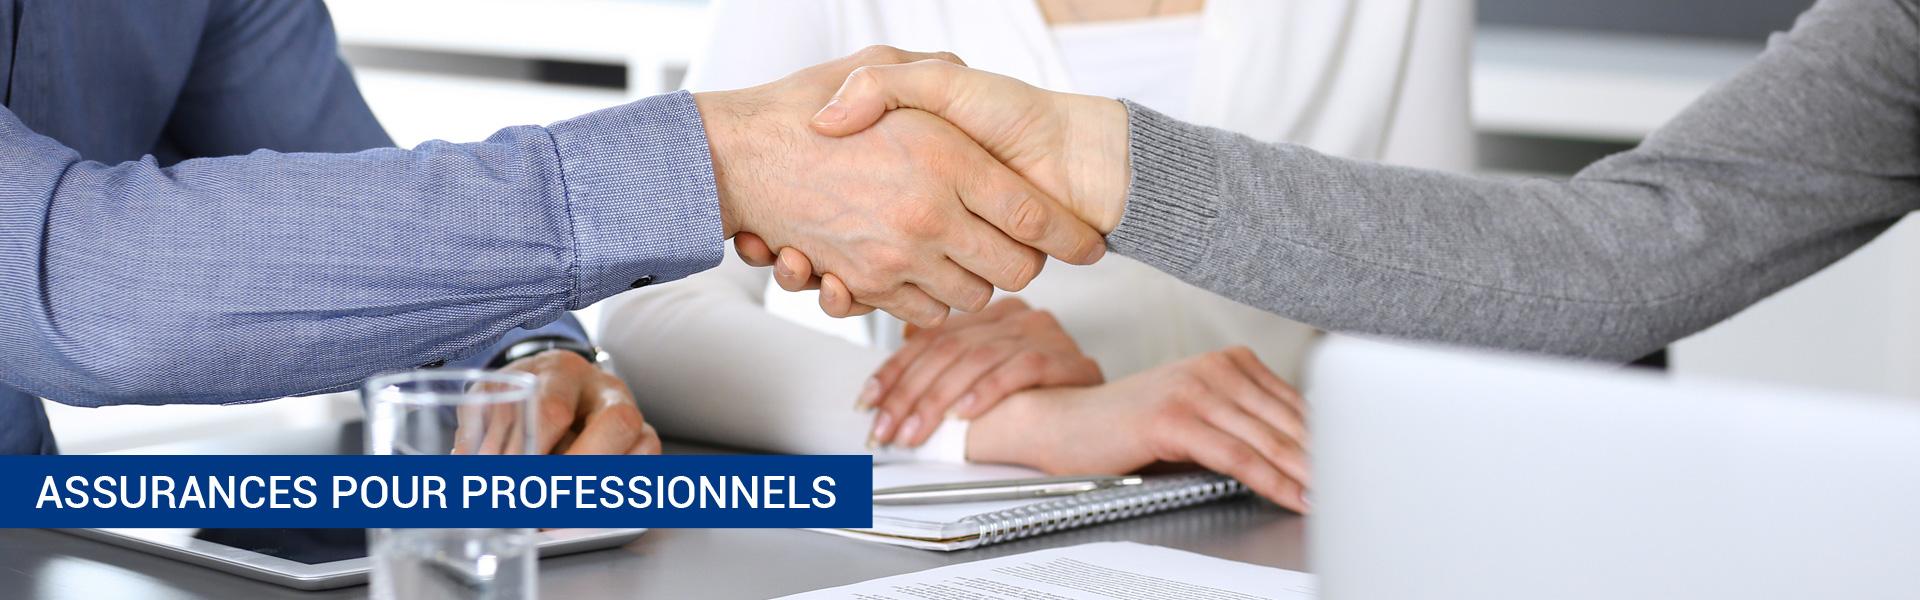 Assurance pour professionnels dans la Manche